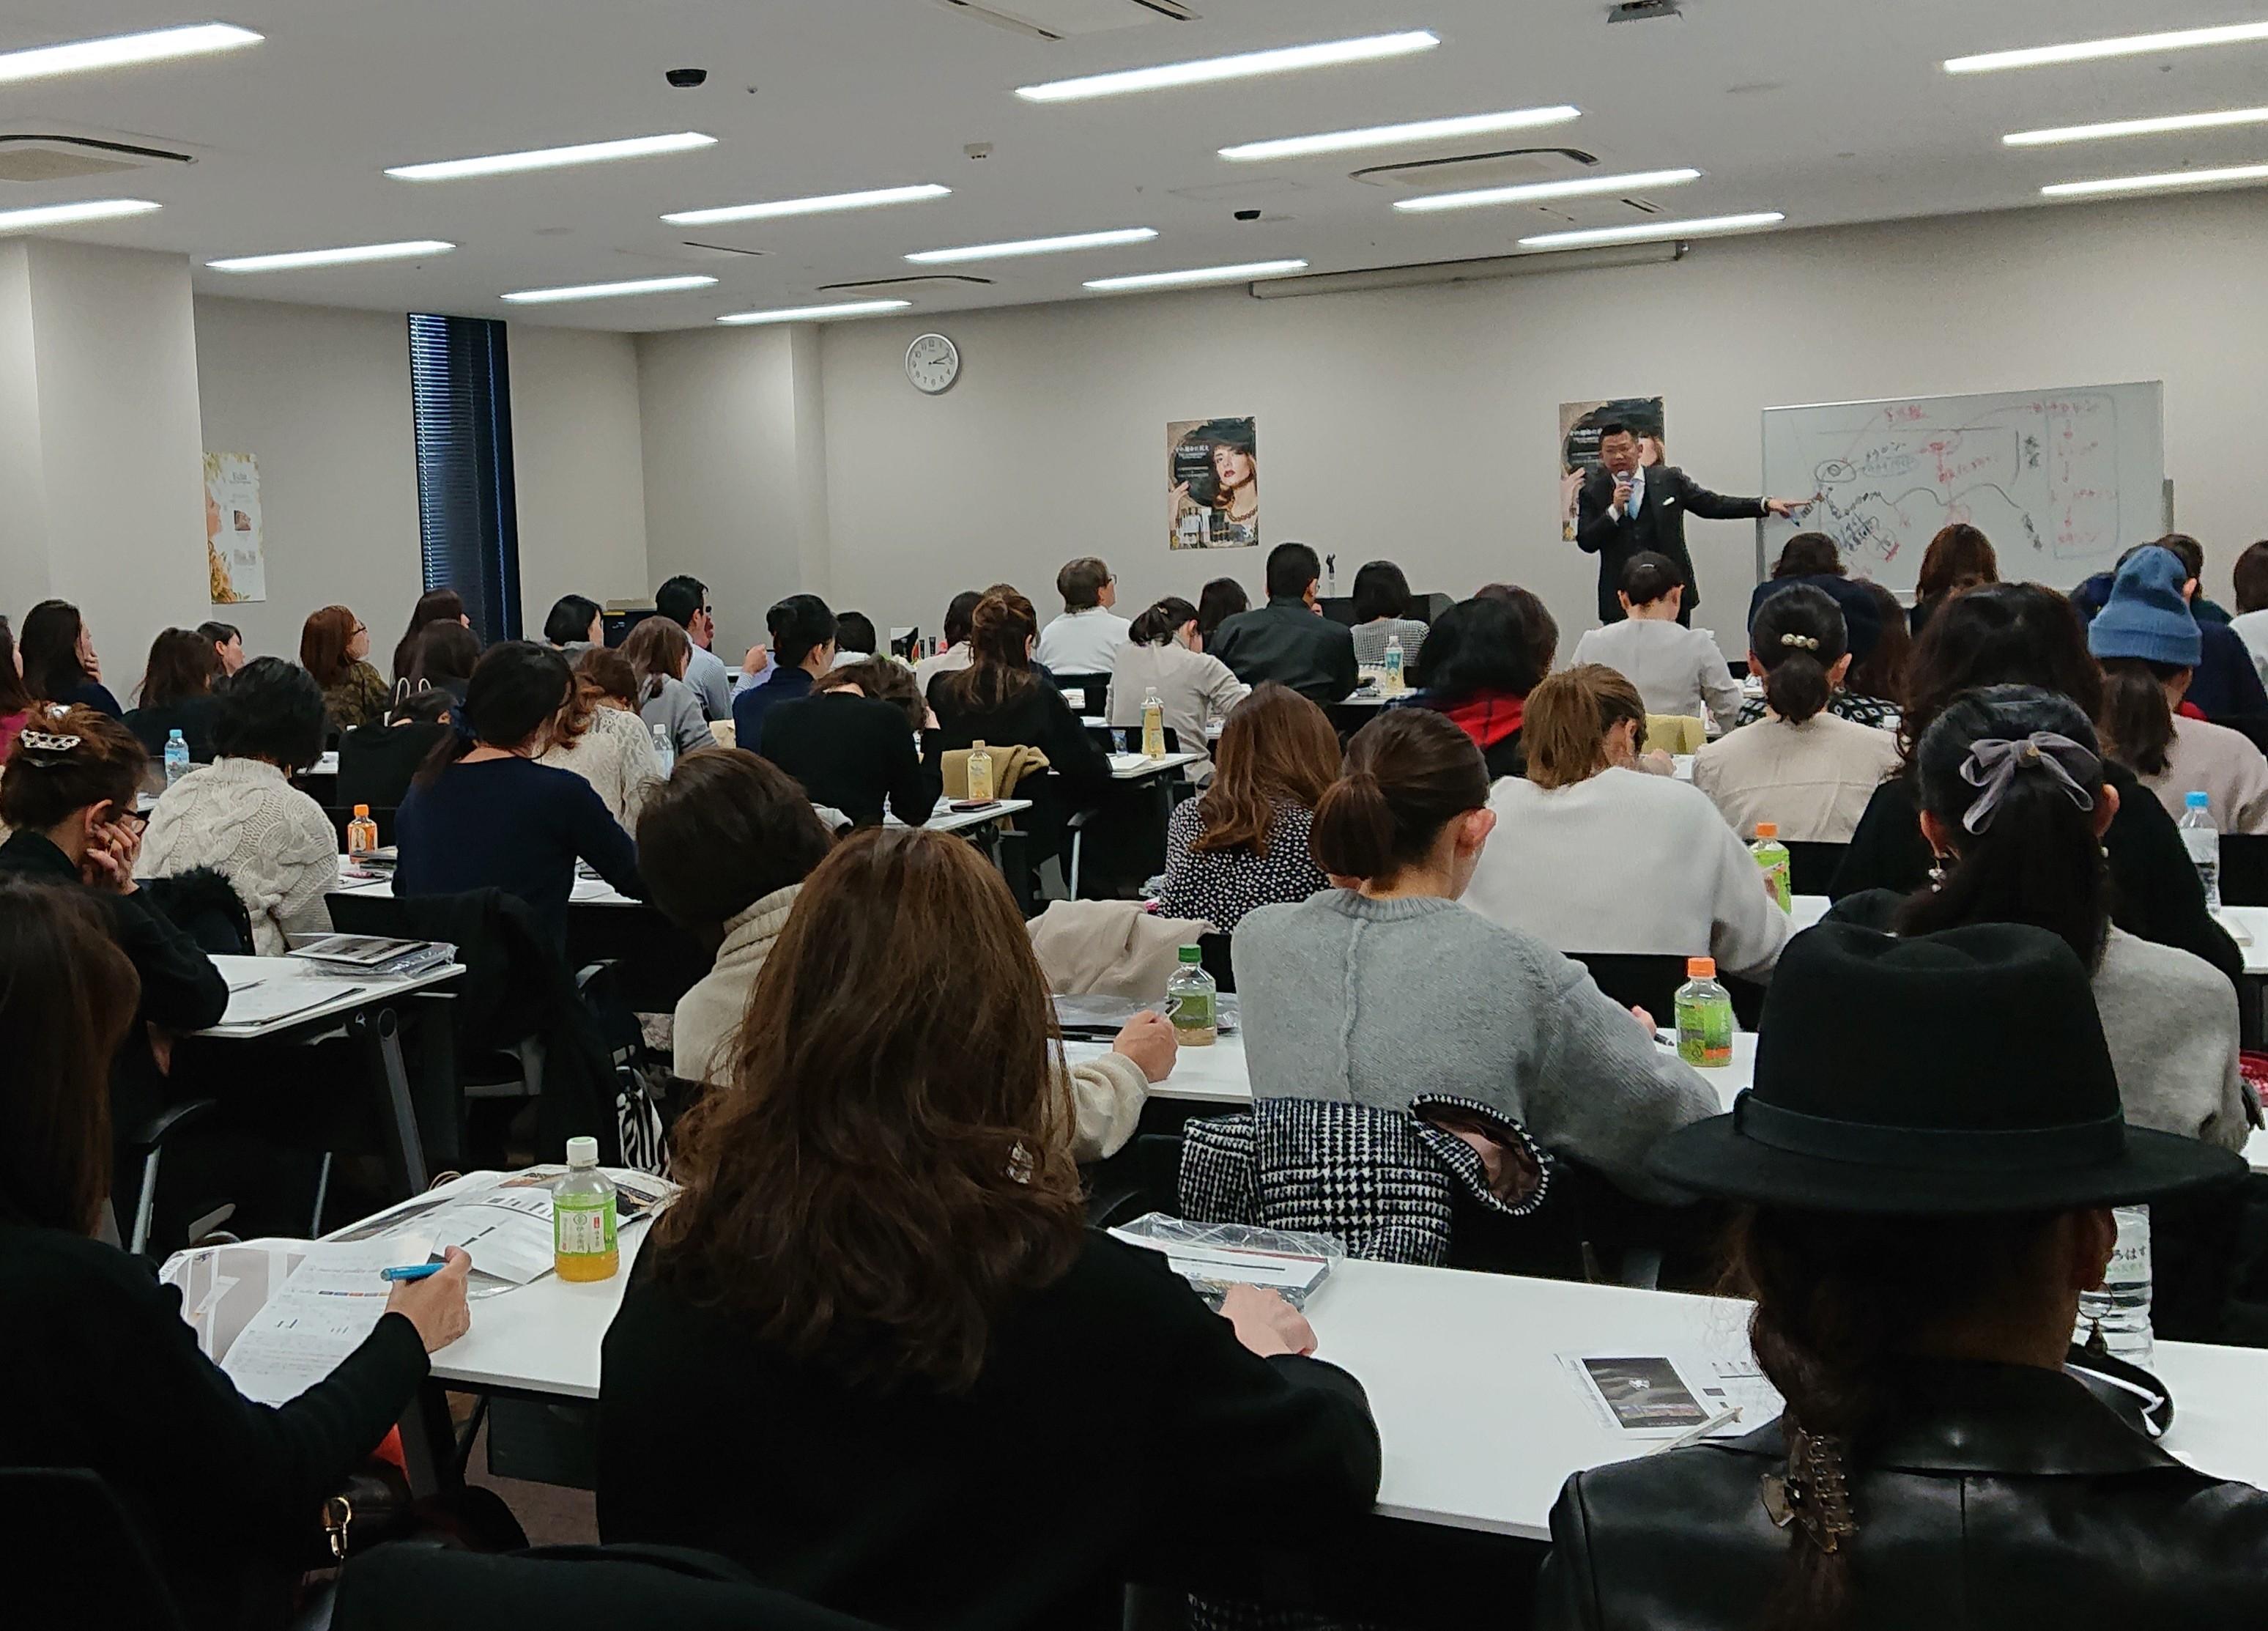 【満員御礼】リアボーテグランスキン講習会 in 名古屋